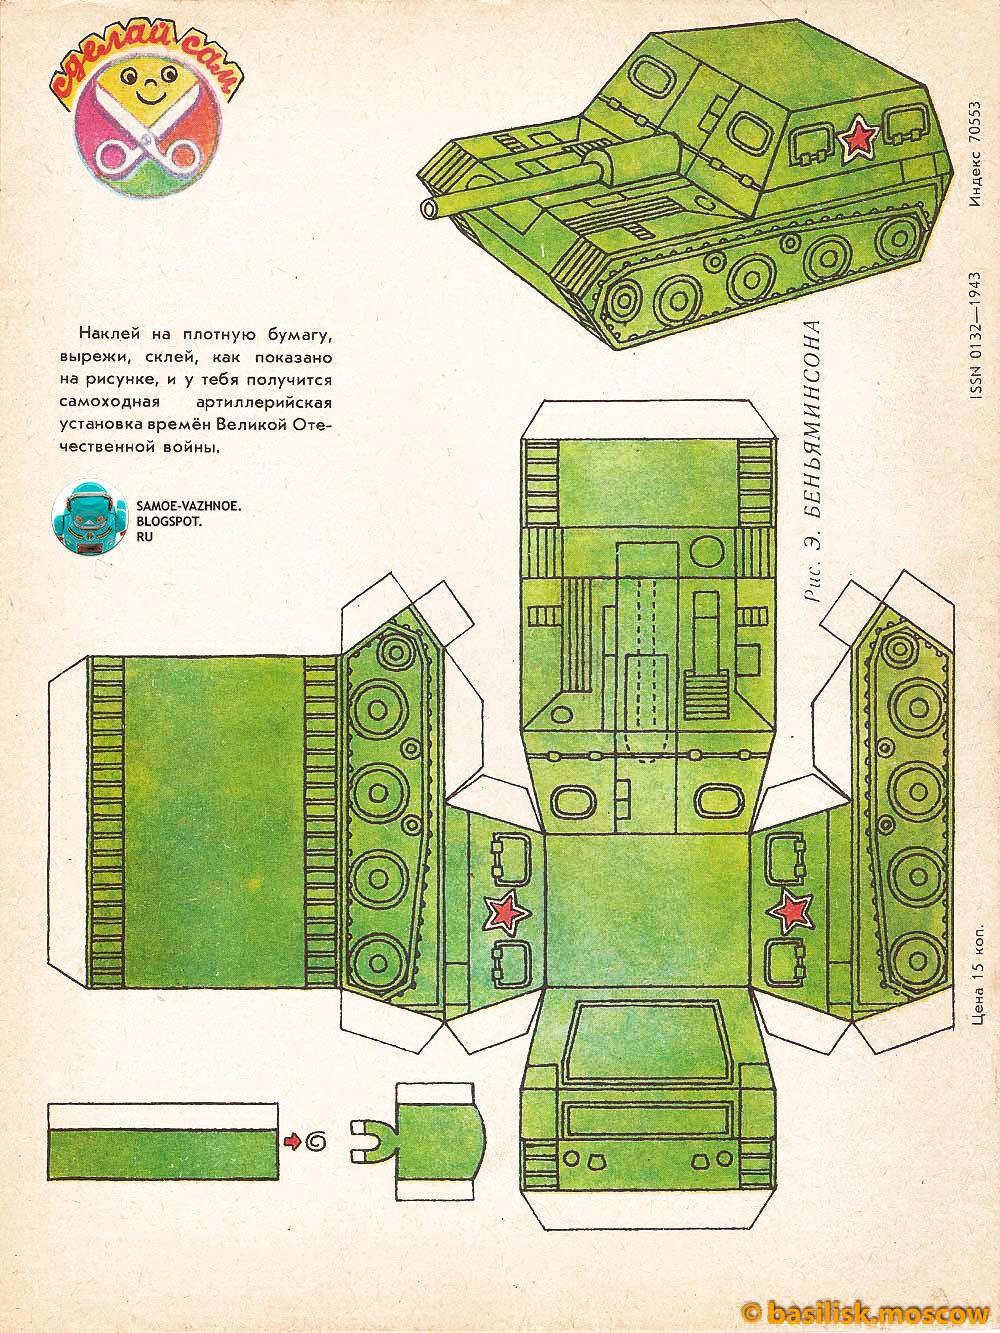 Сделать макет танка из бумаги своими руками 11